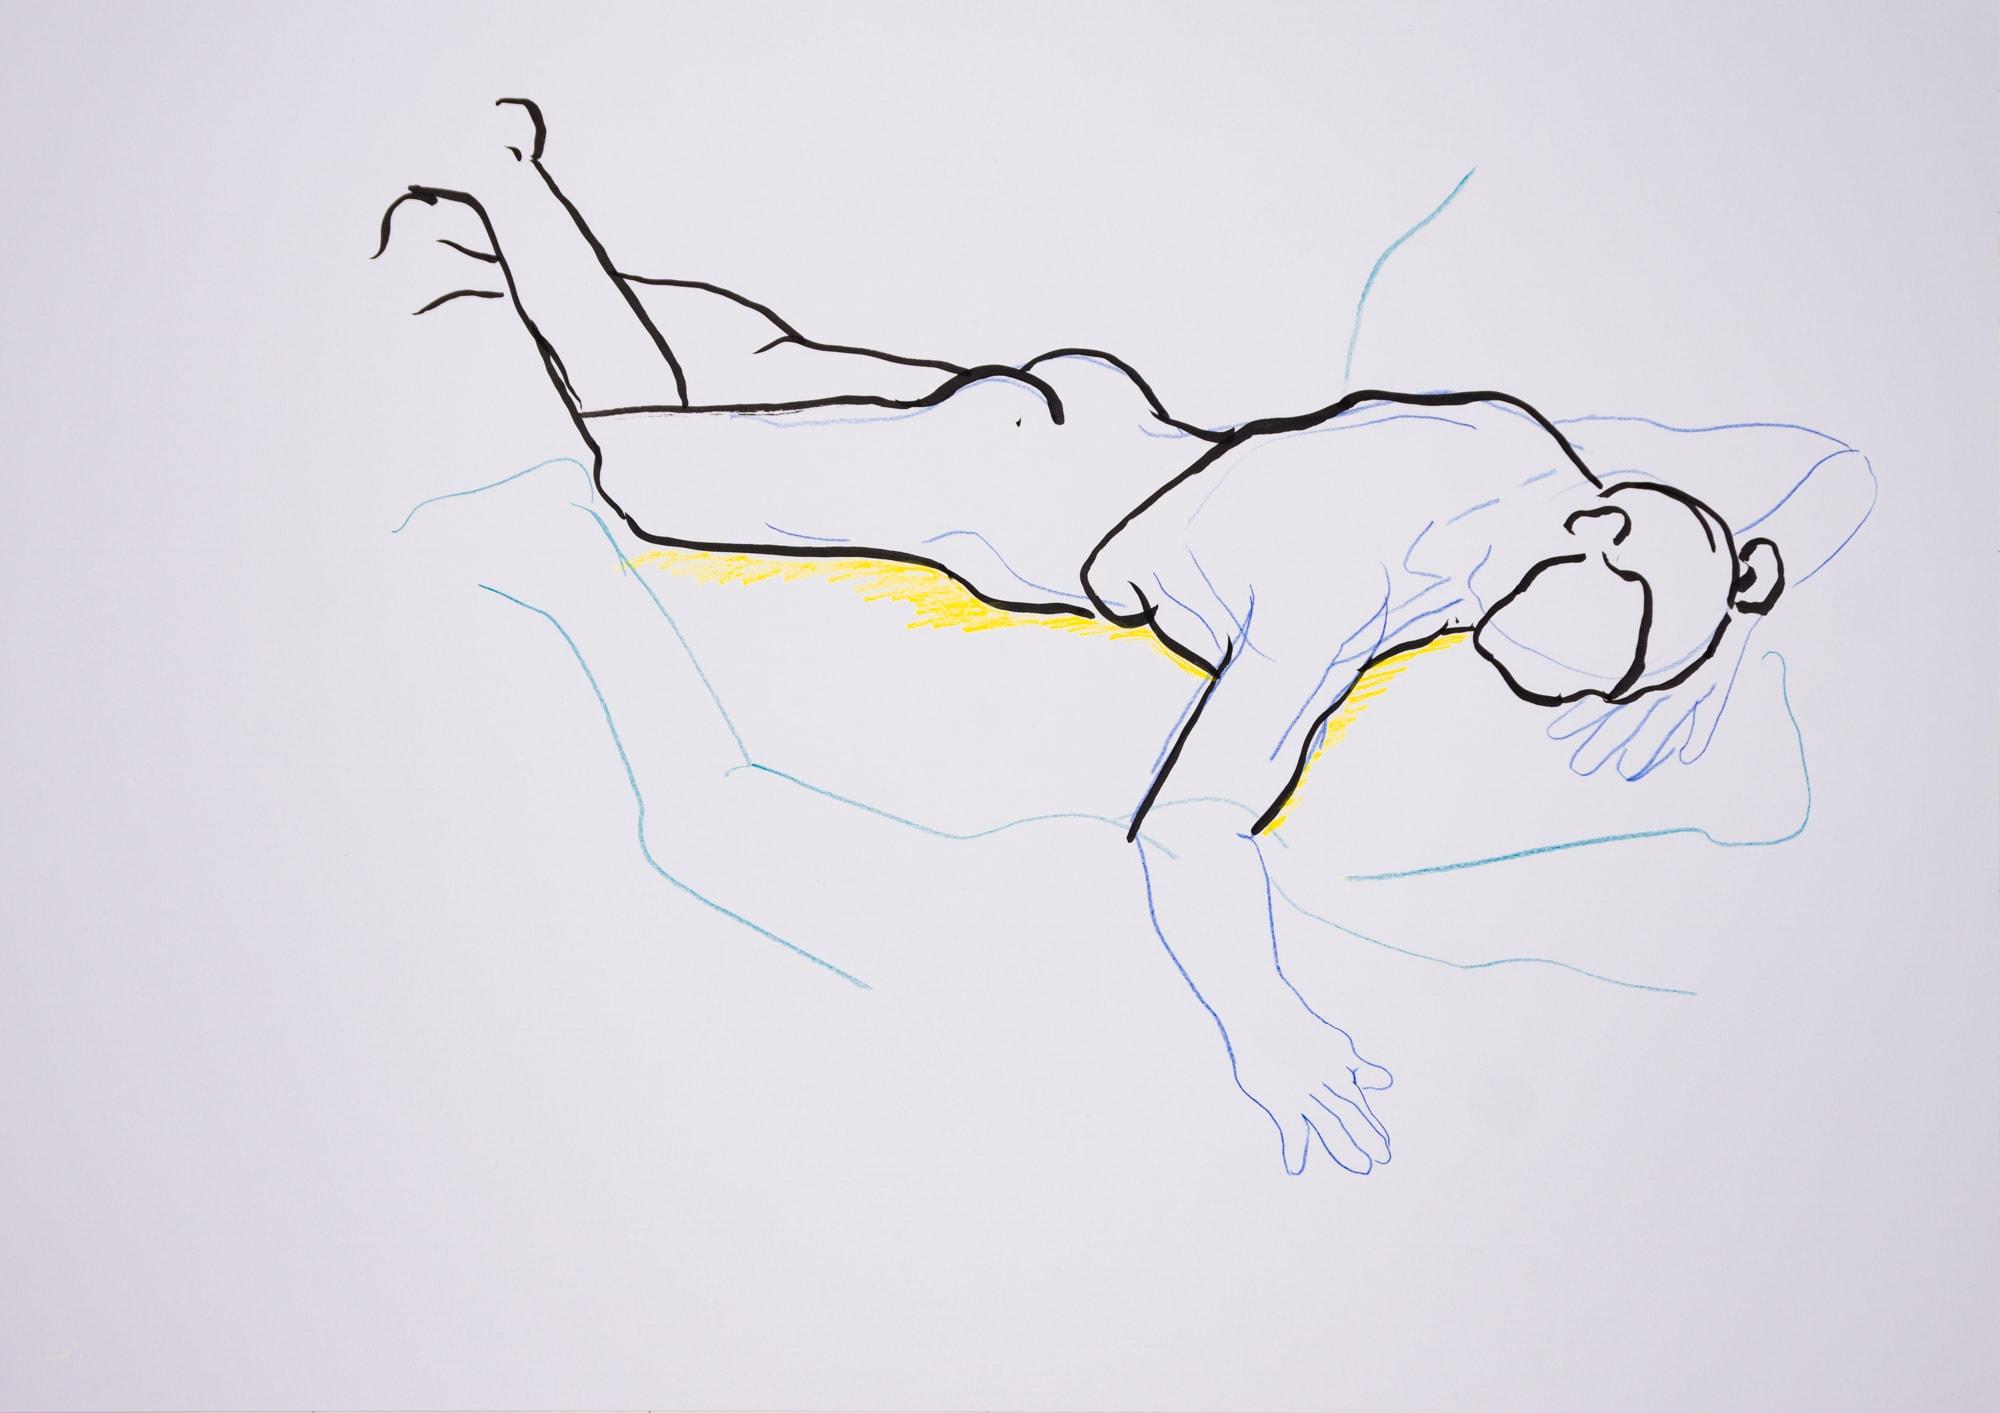 Zeichnung, Farbstift und Tusche auf Papier, 59,4x420cm, Frauenakt, Künstlerin: Franziska King